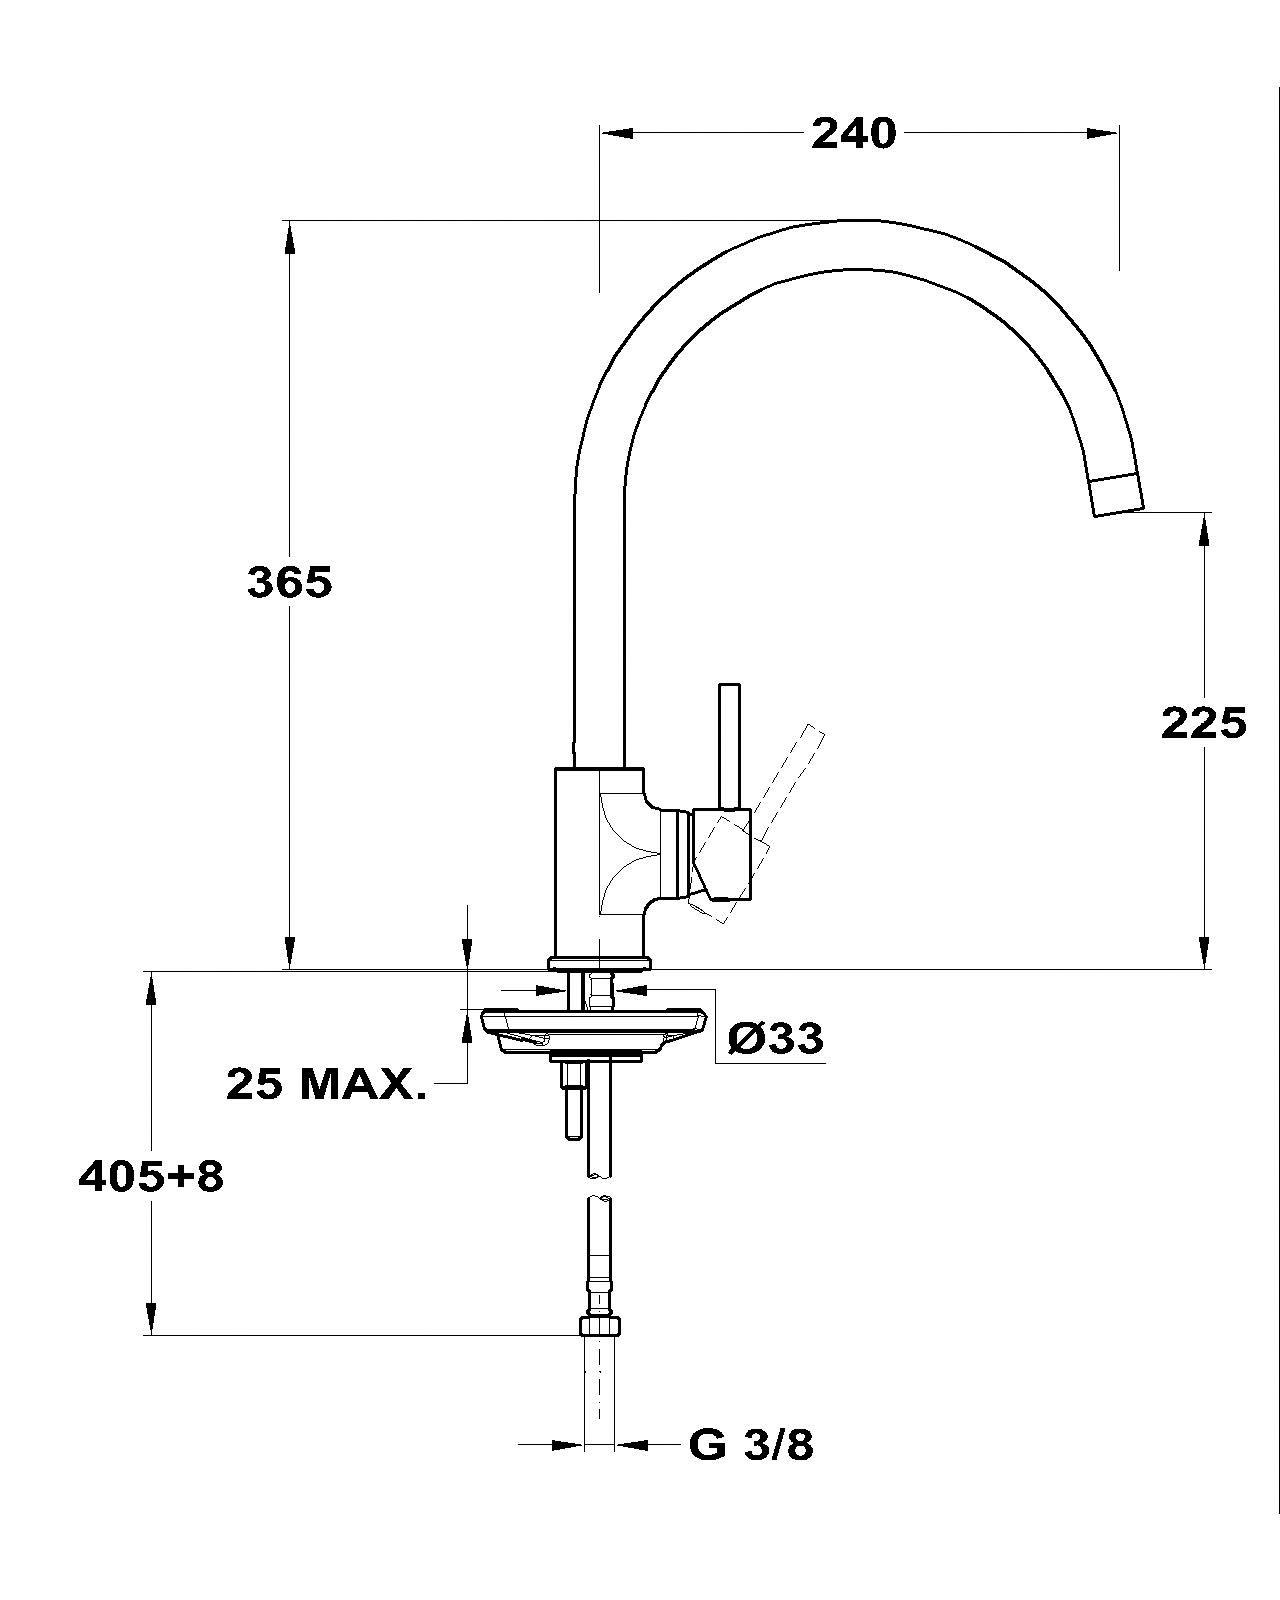 Mofém Junior EVO X Álló Mosogató Csaptelep Magas 240 mm-es Nagyíves Kifolyócsővel 152-0052-01 műszaki adatlap